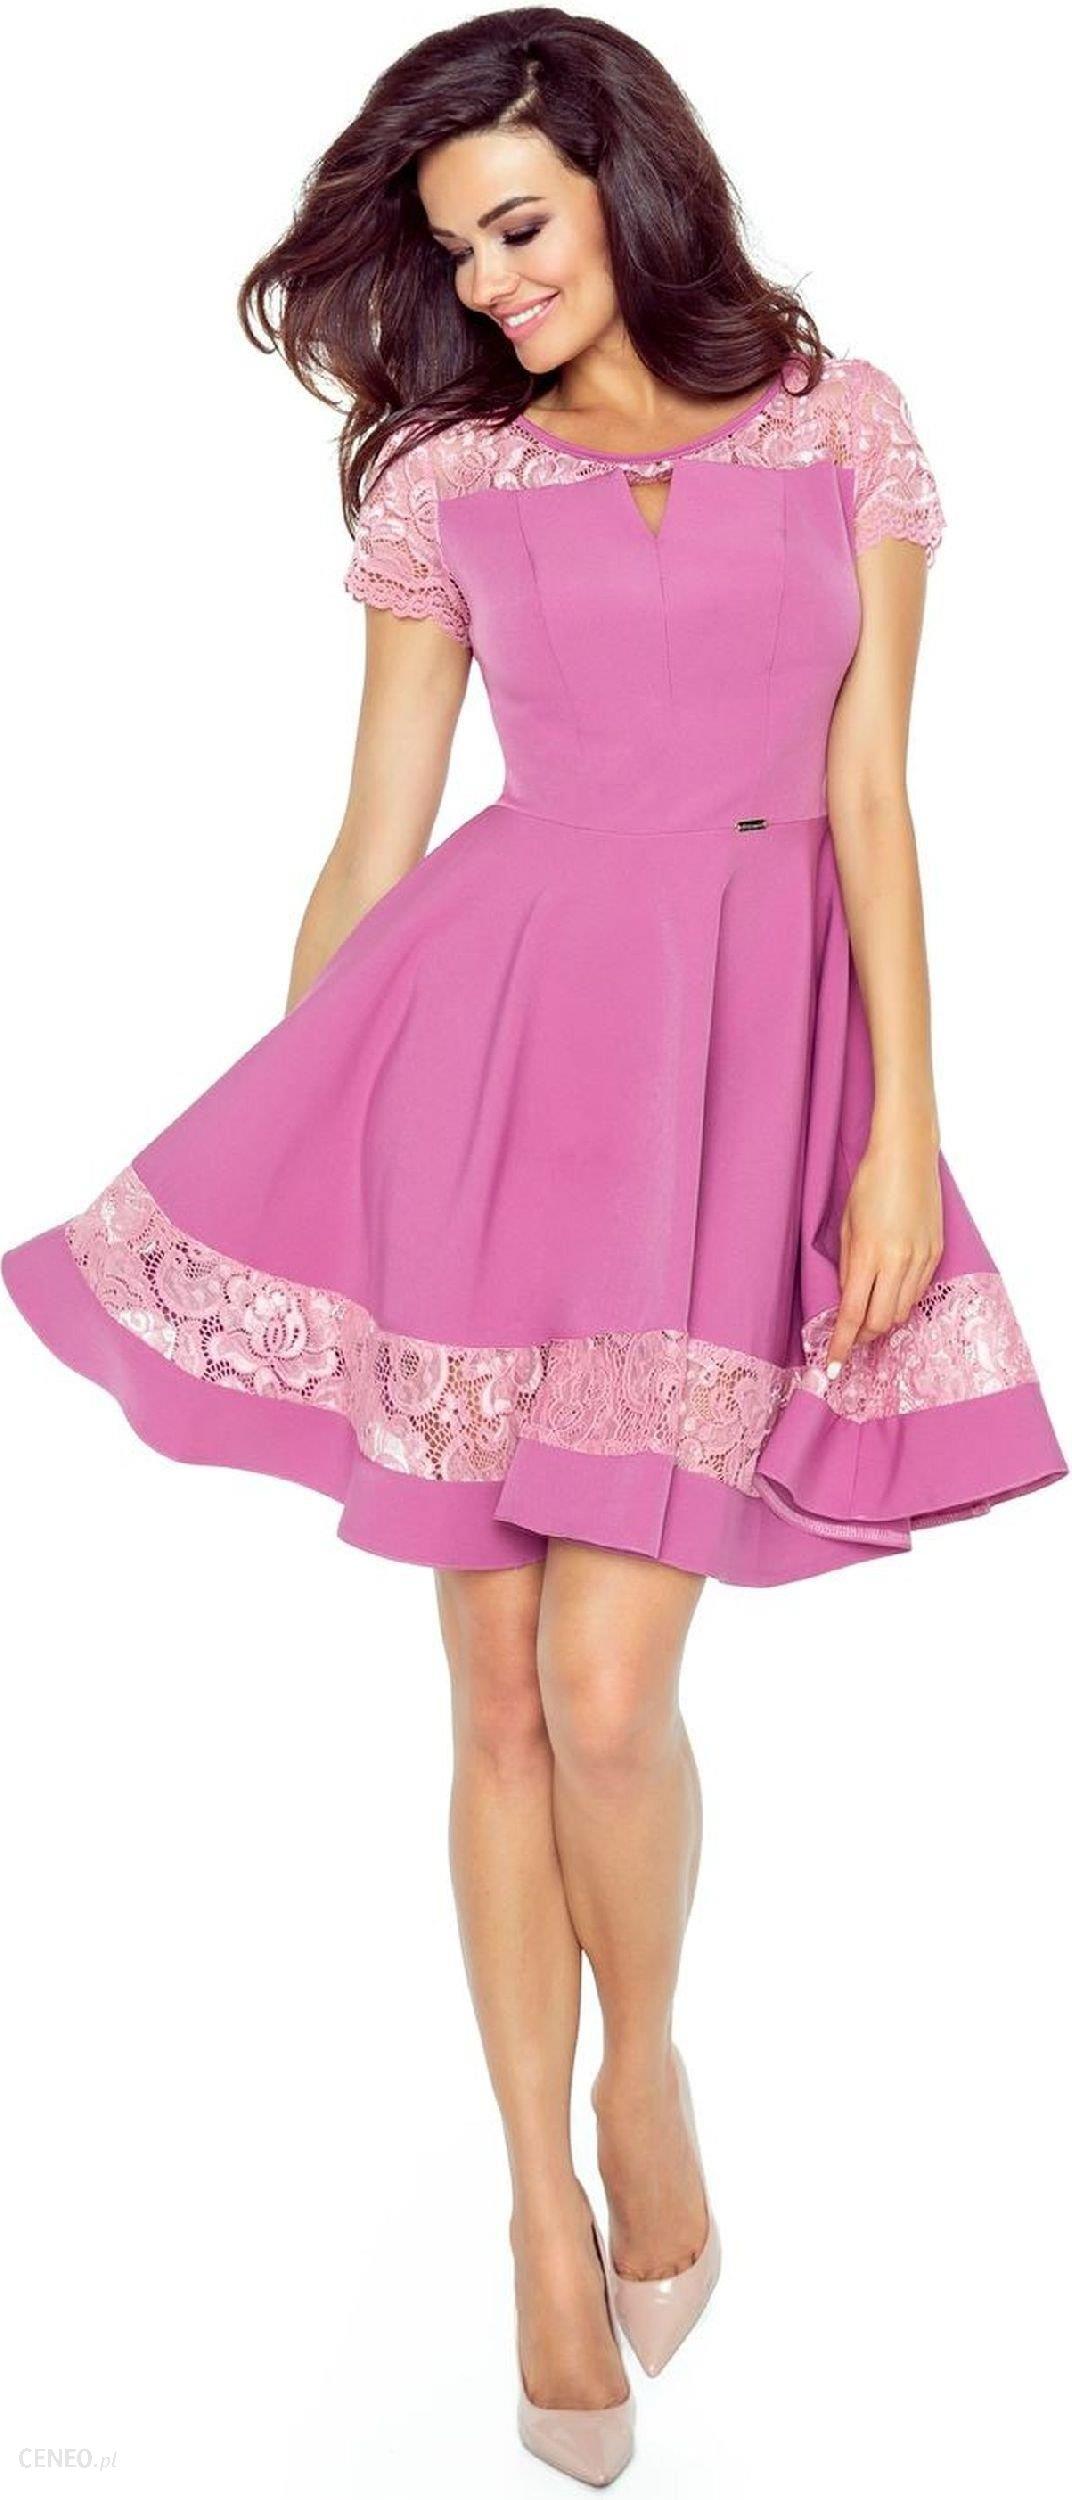 5d09ce3f81 Ptak Moda Elegancka sukienka z koronkowymi wstawkami M49856 różowa r. XL -  zdjęcie 1